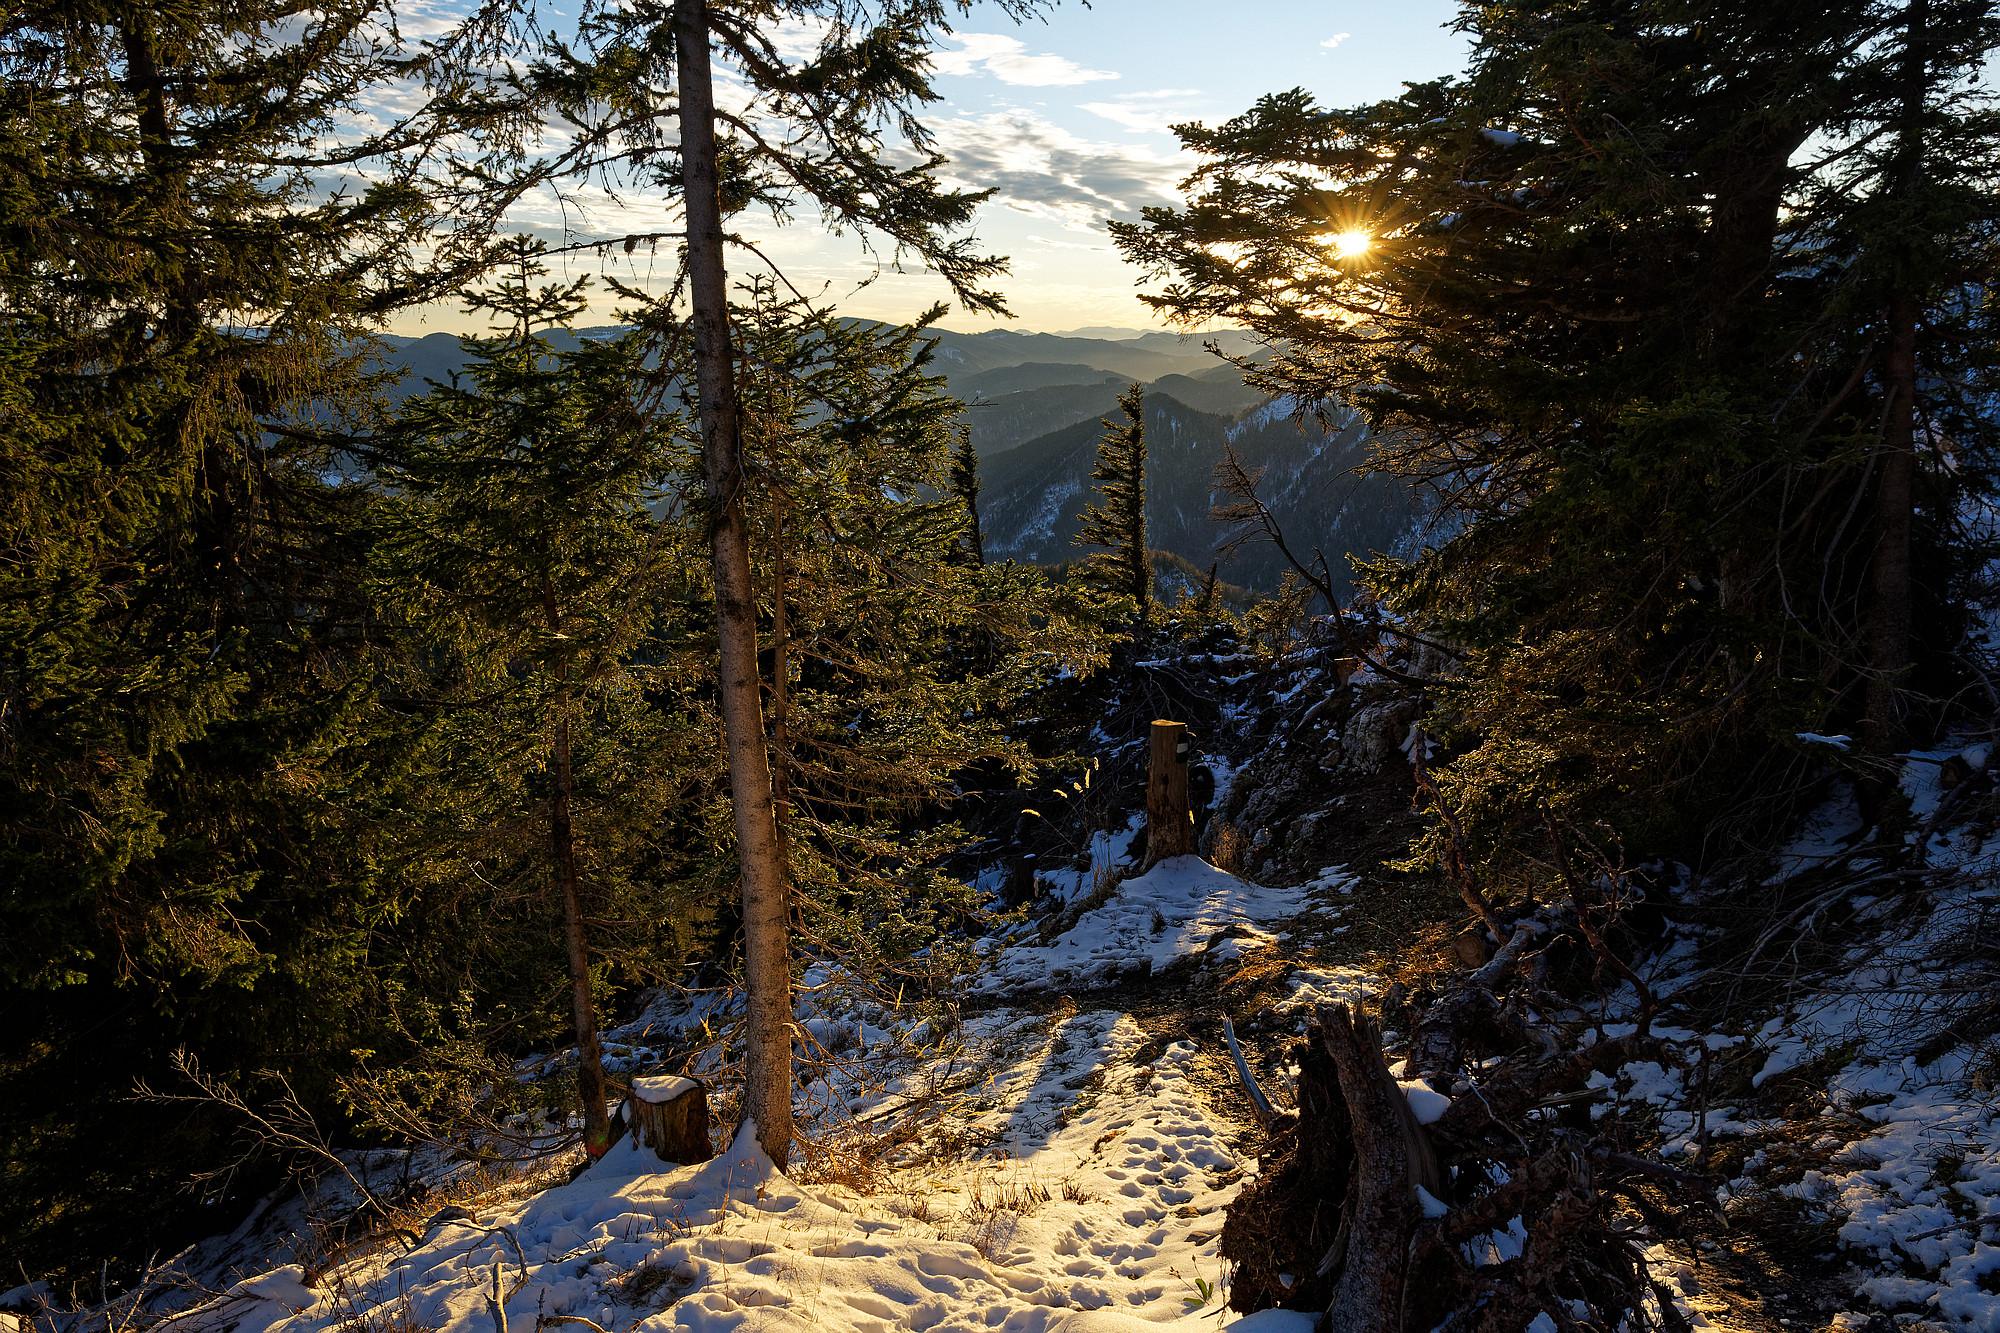 abendsonne am waldrand mit schnee 2020-11-23